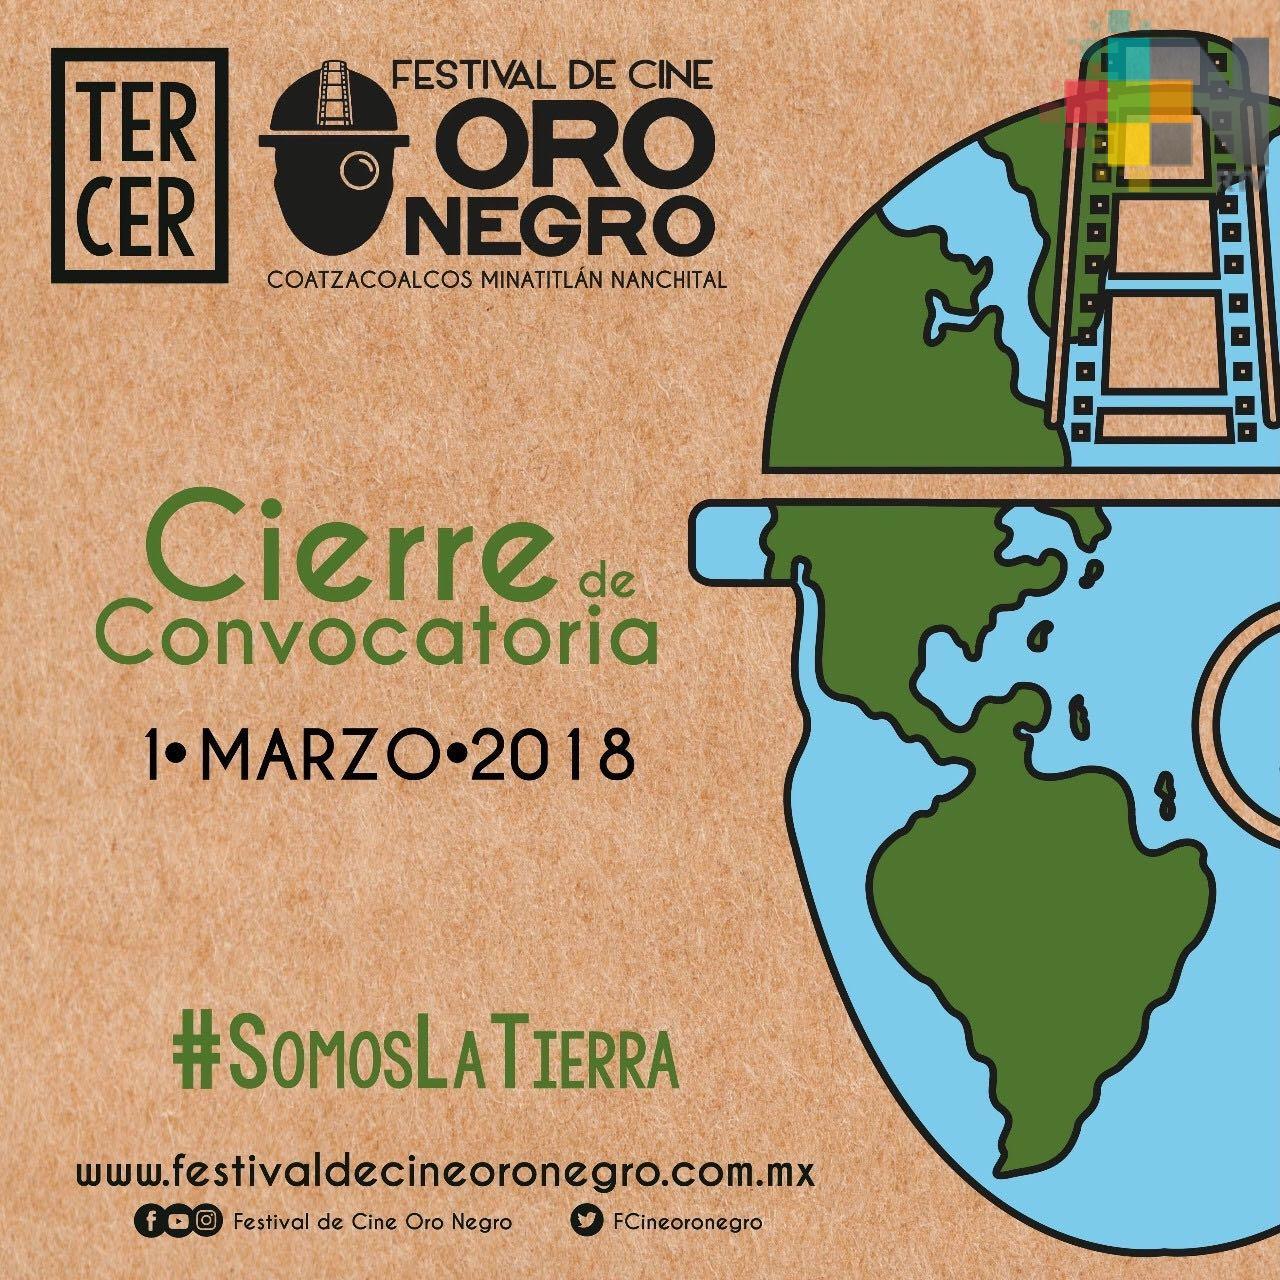 Festival de Cine Oro Negro se realizará en Coatzacoalcos, Minatitlán y Nanchital